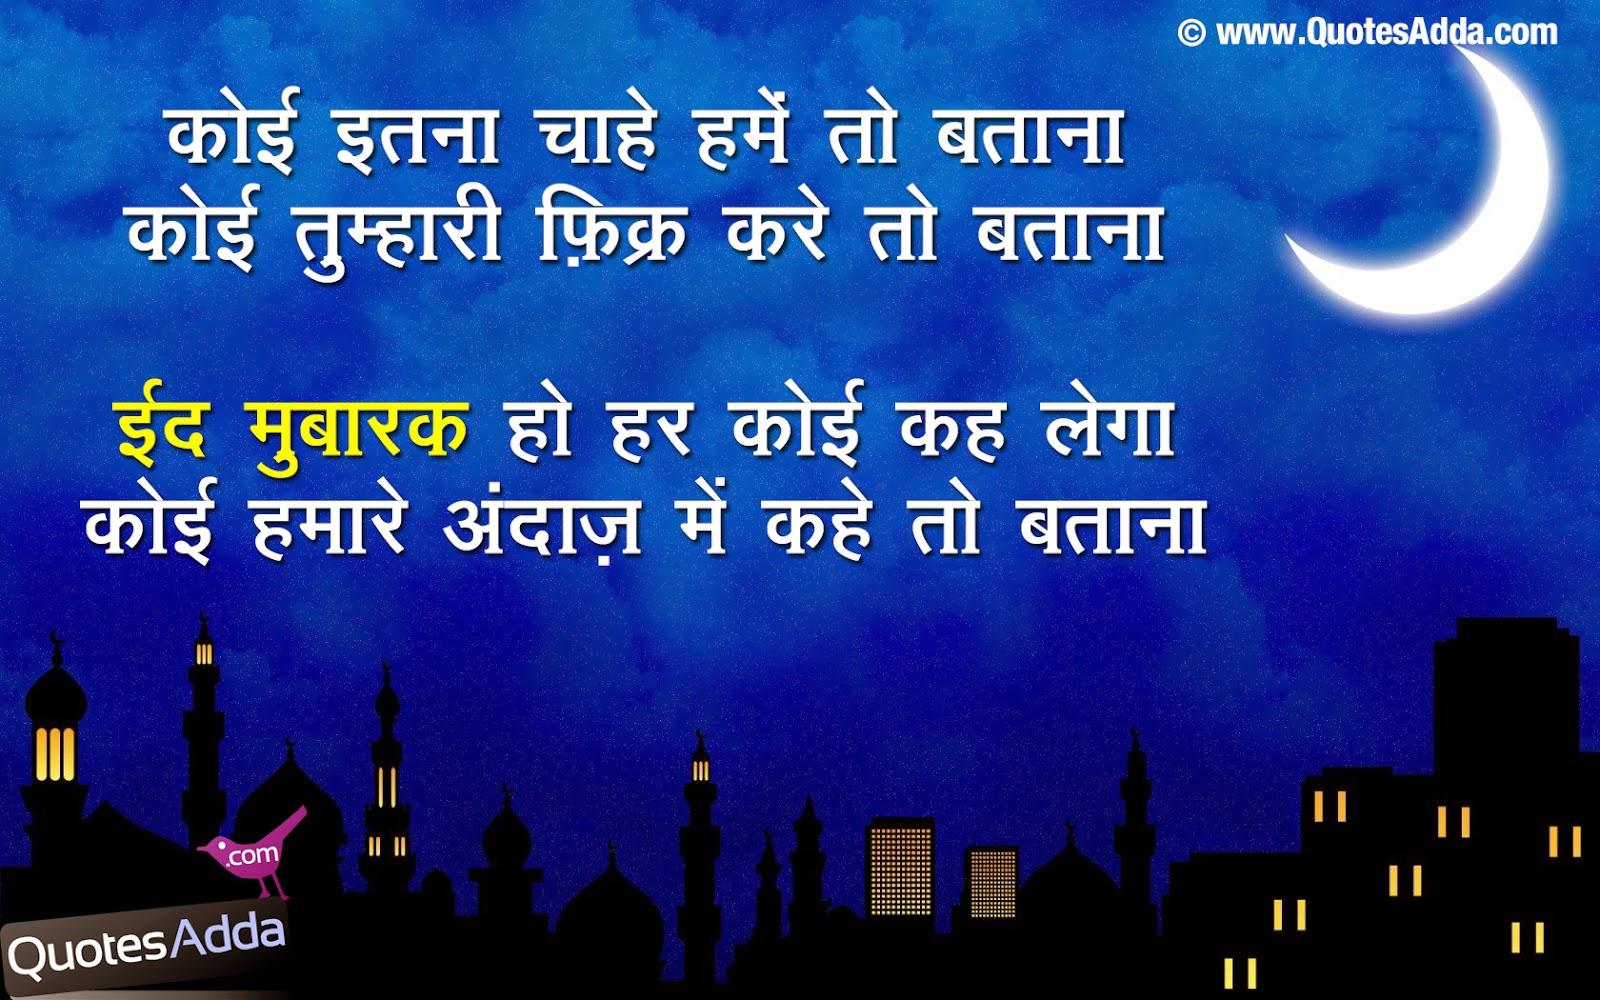 Eid mubarak sms in hindi eid mubarak 2017 images greetings eid mubarak sms in hindi kristyandbryce Images